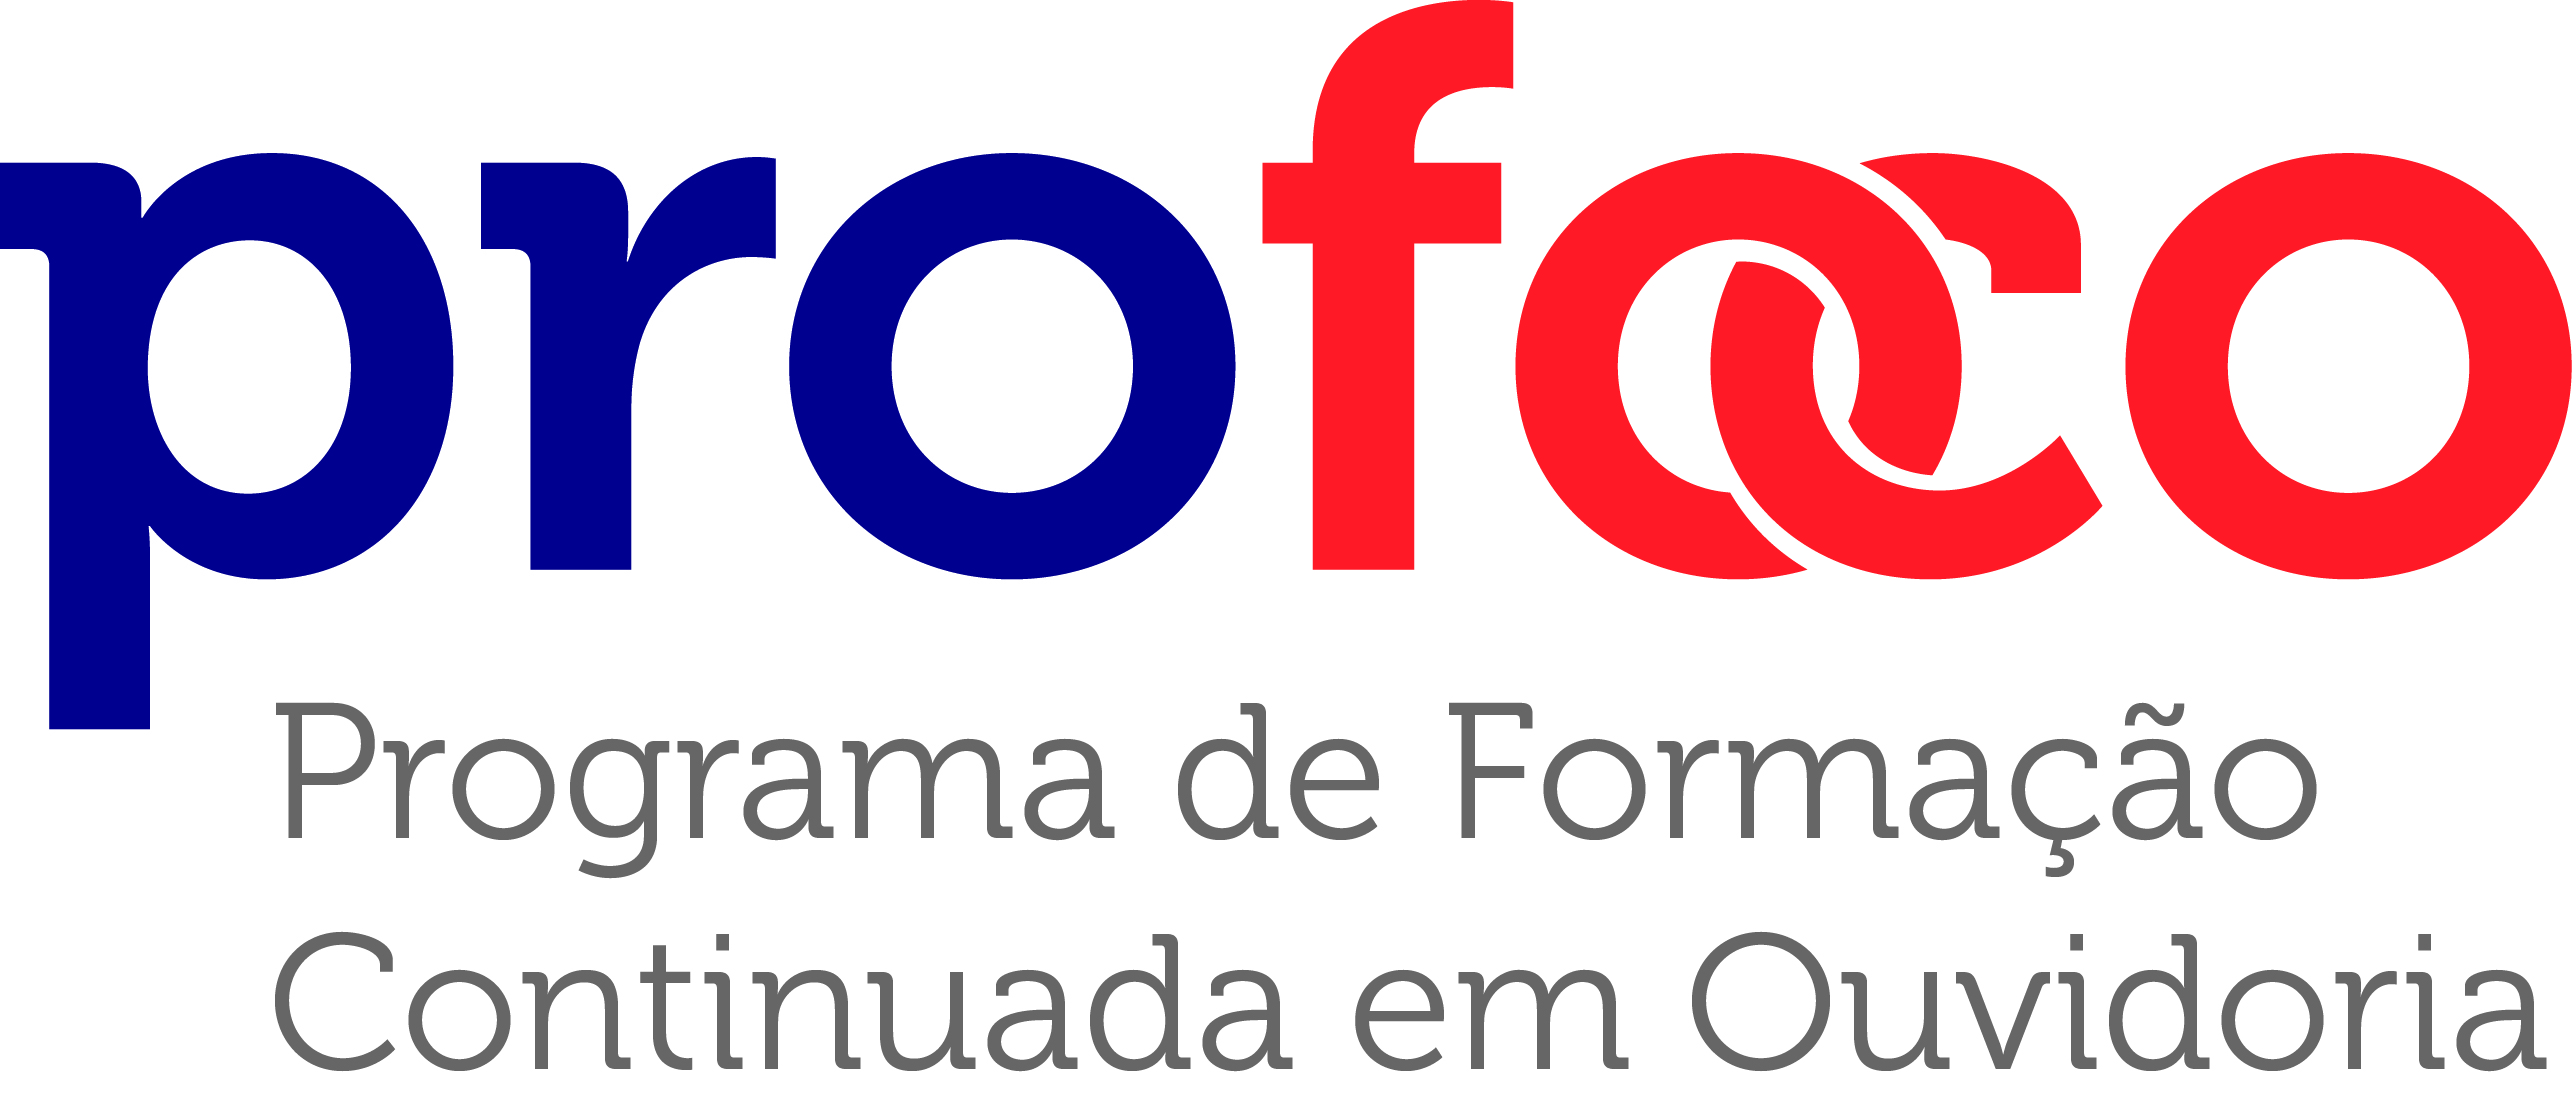 Curso Defesa do Usuário e Simplificação, no período de 28 a 30 de maio de 2019, em Palmas/TO